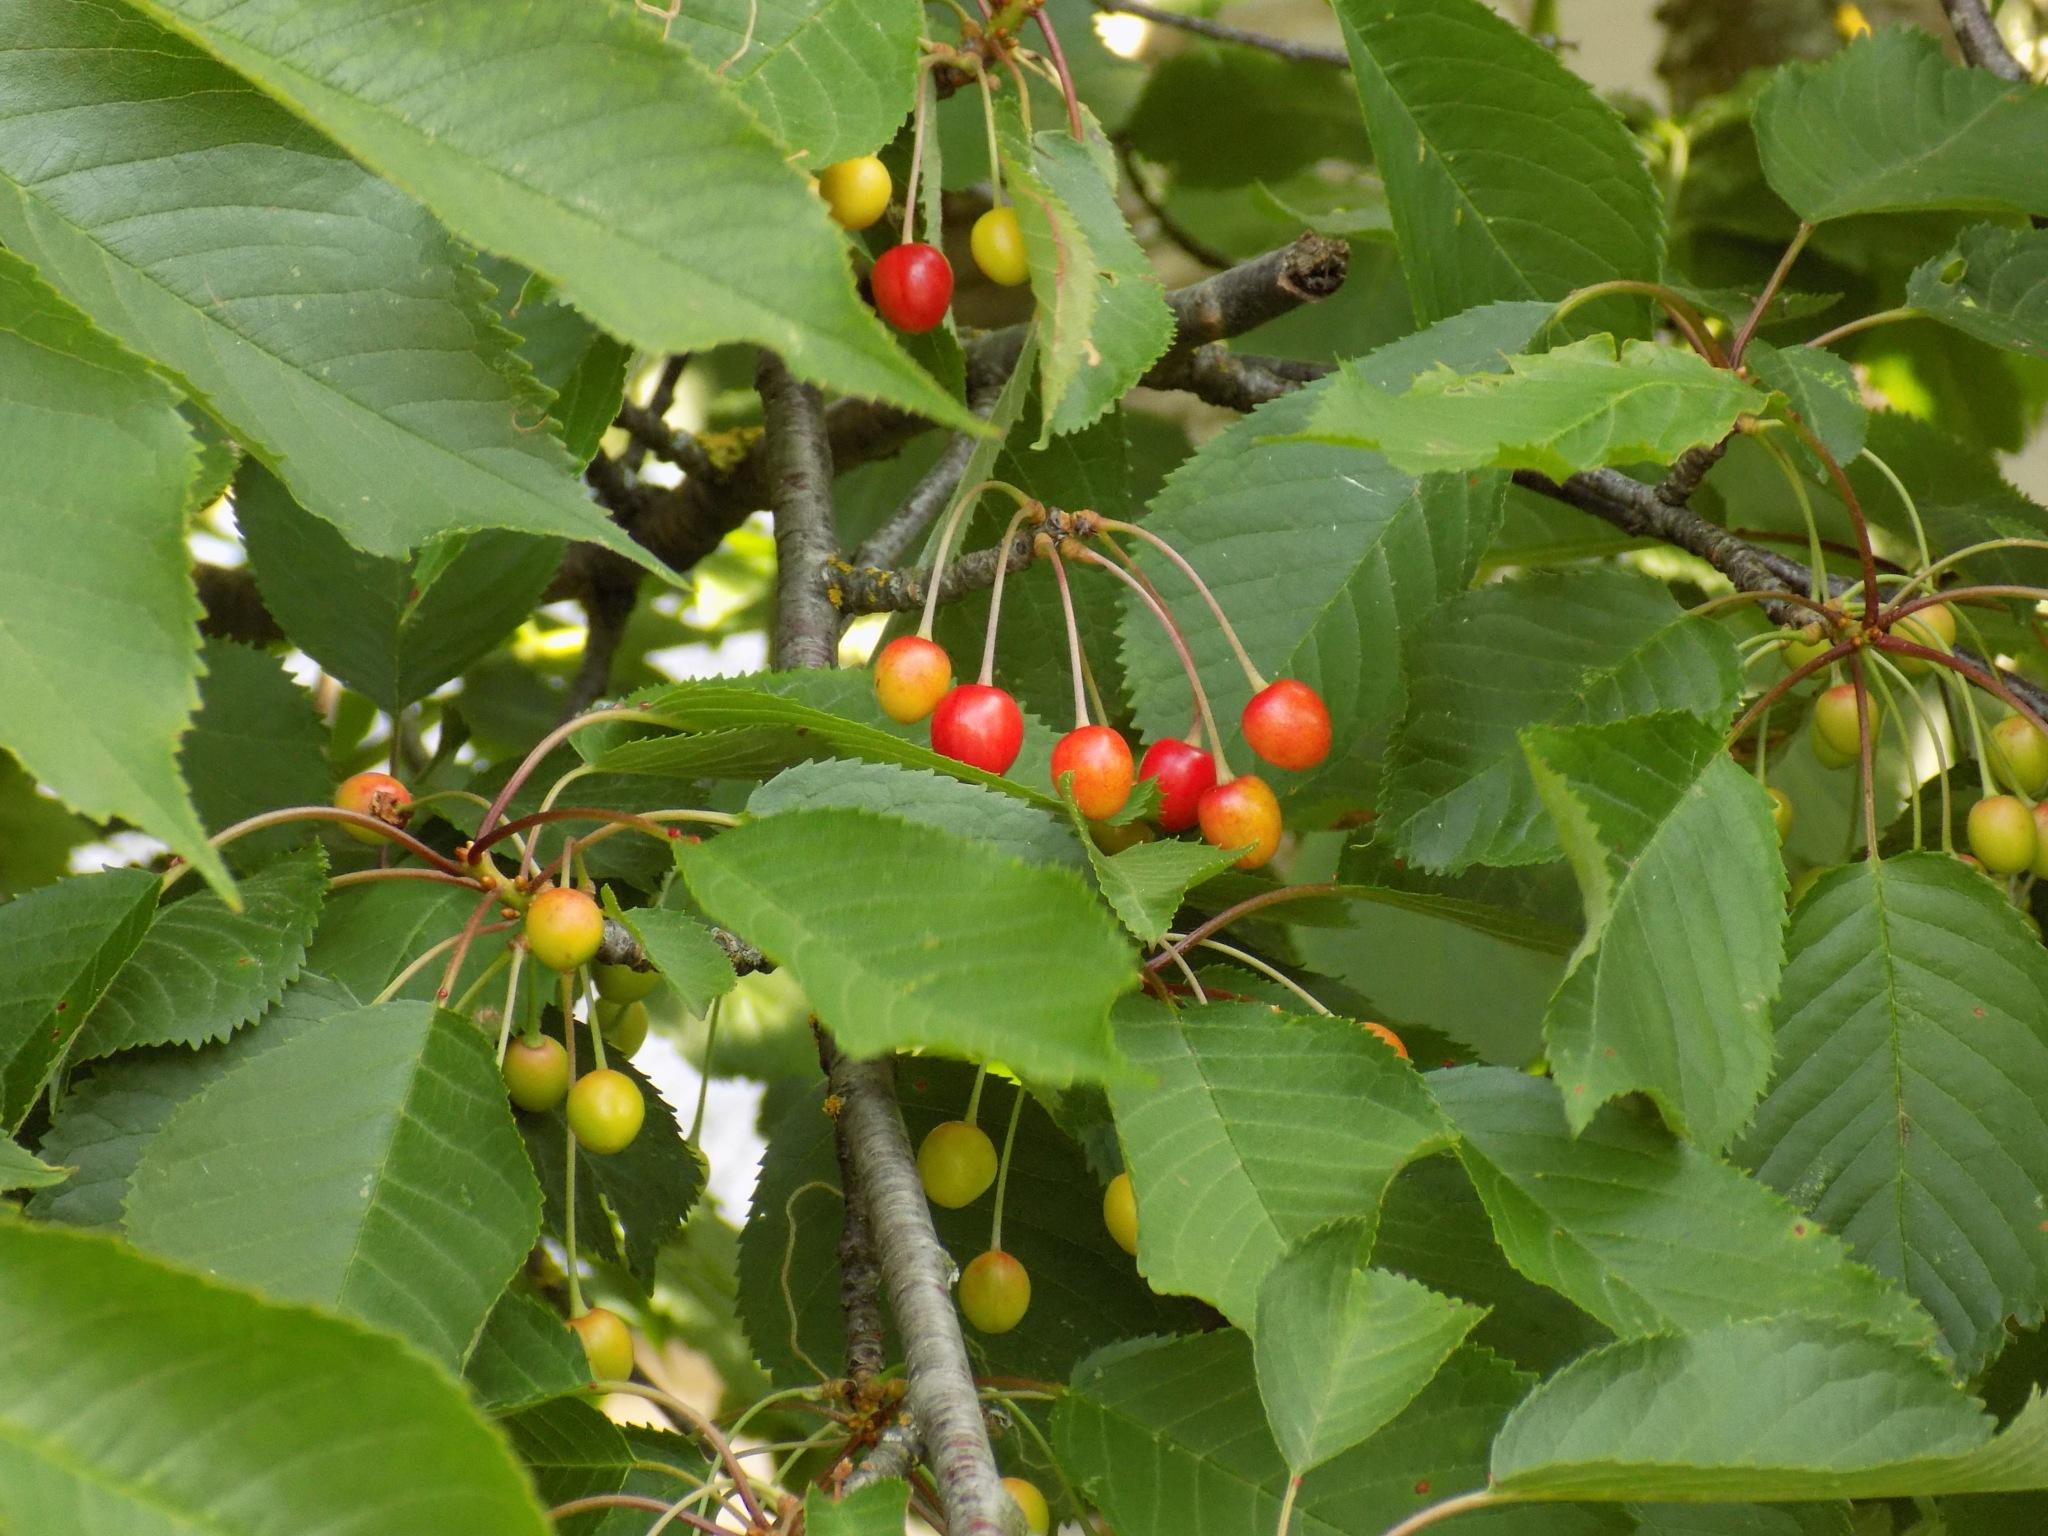 Ripening cherries by uzkuraitiene62